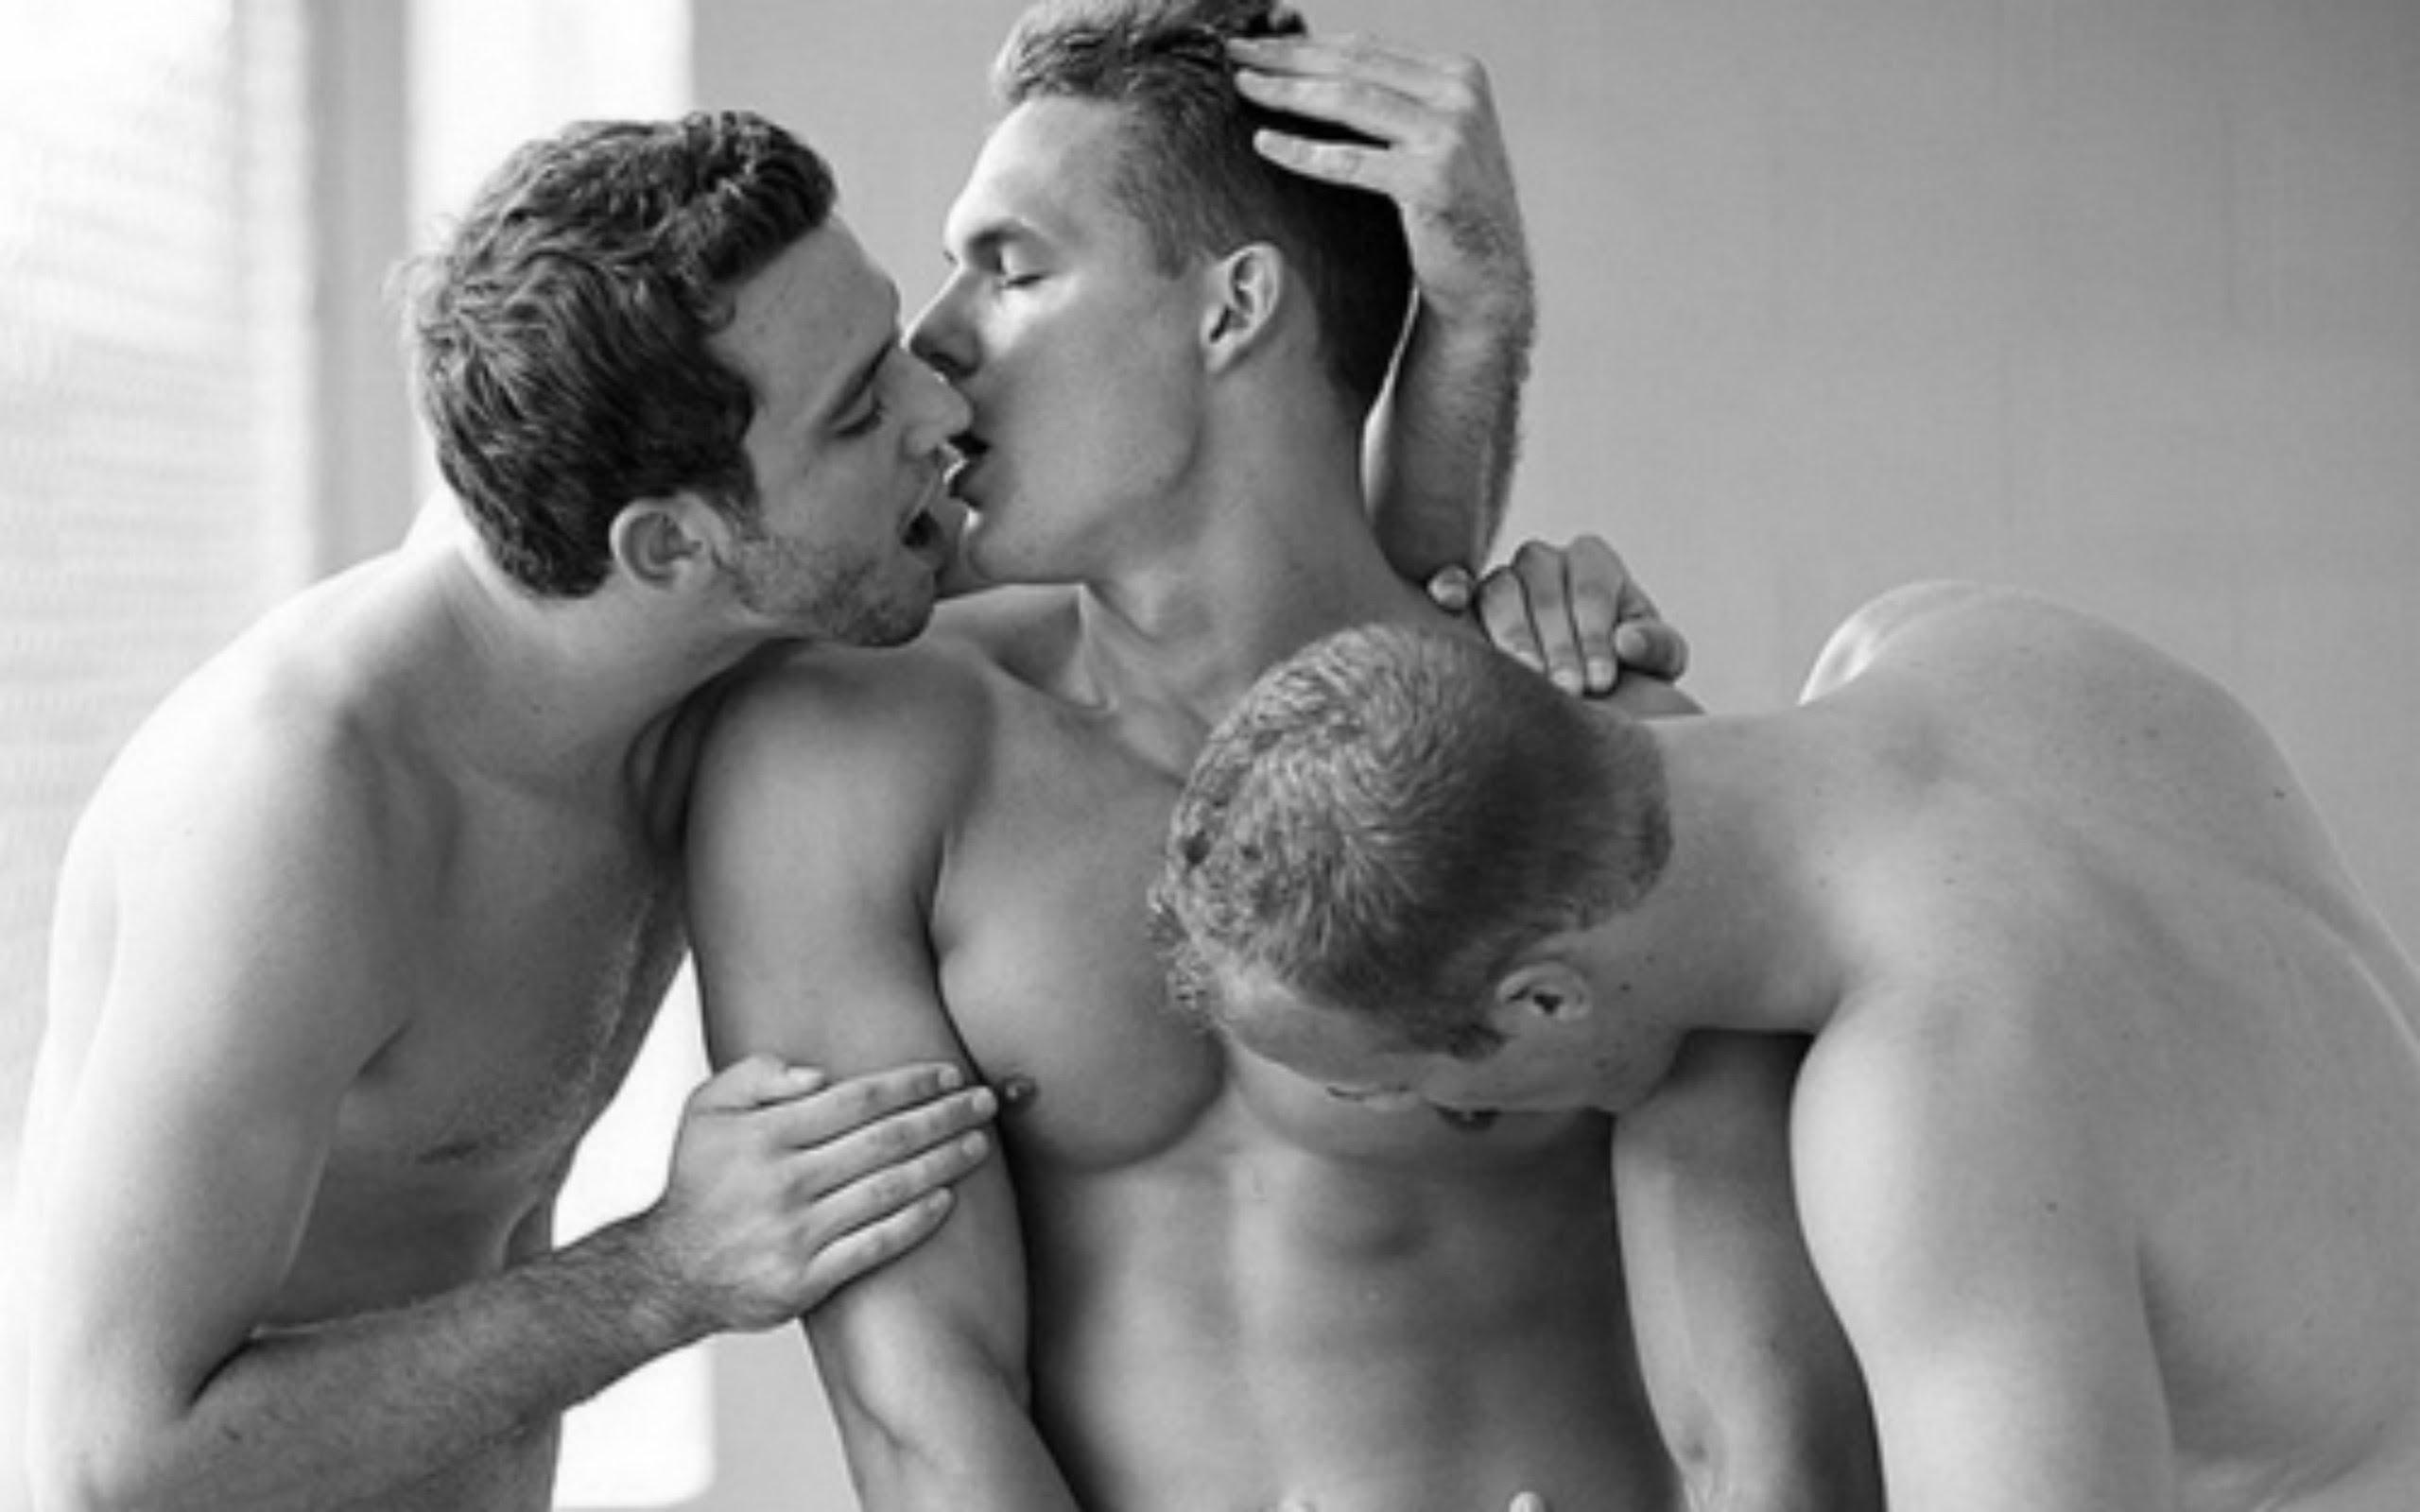 Нежный поцелуй геев